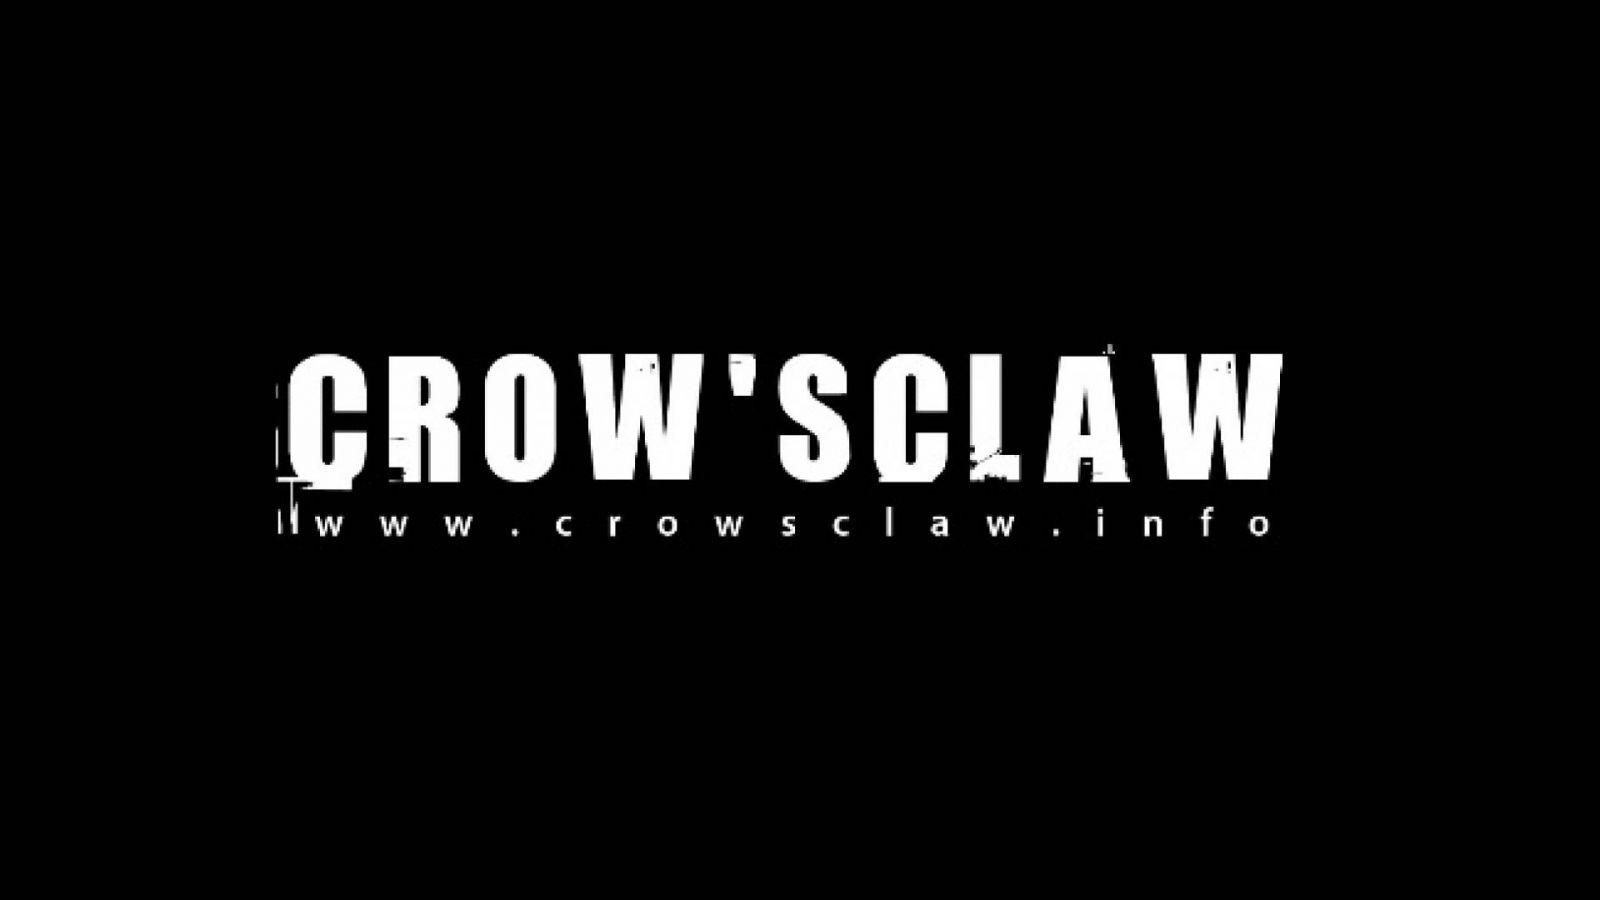 CROW'SCLAW anuncia dois álbuns © CROW'SCLAW